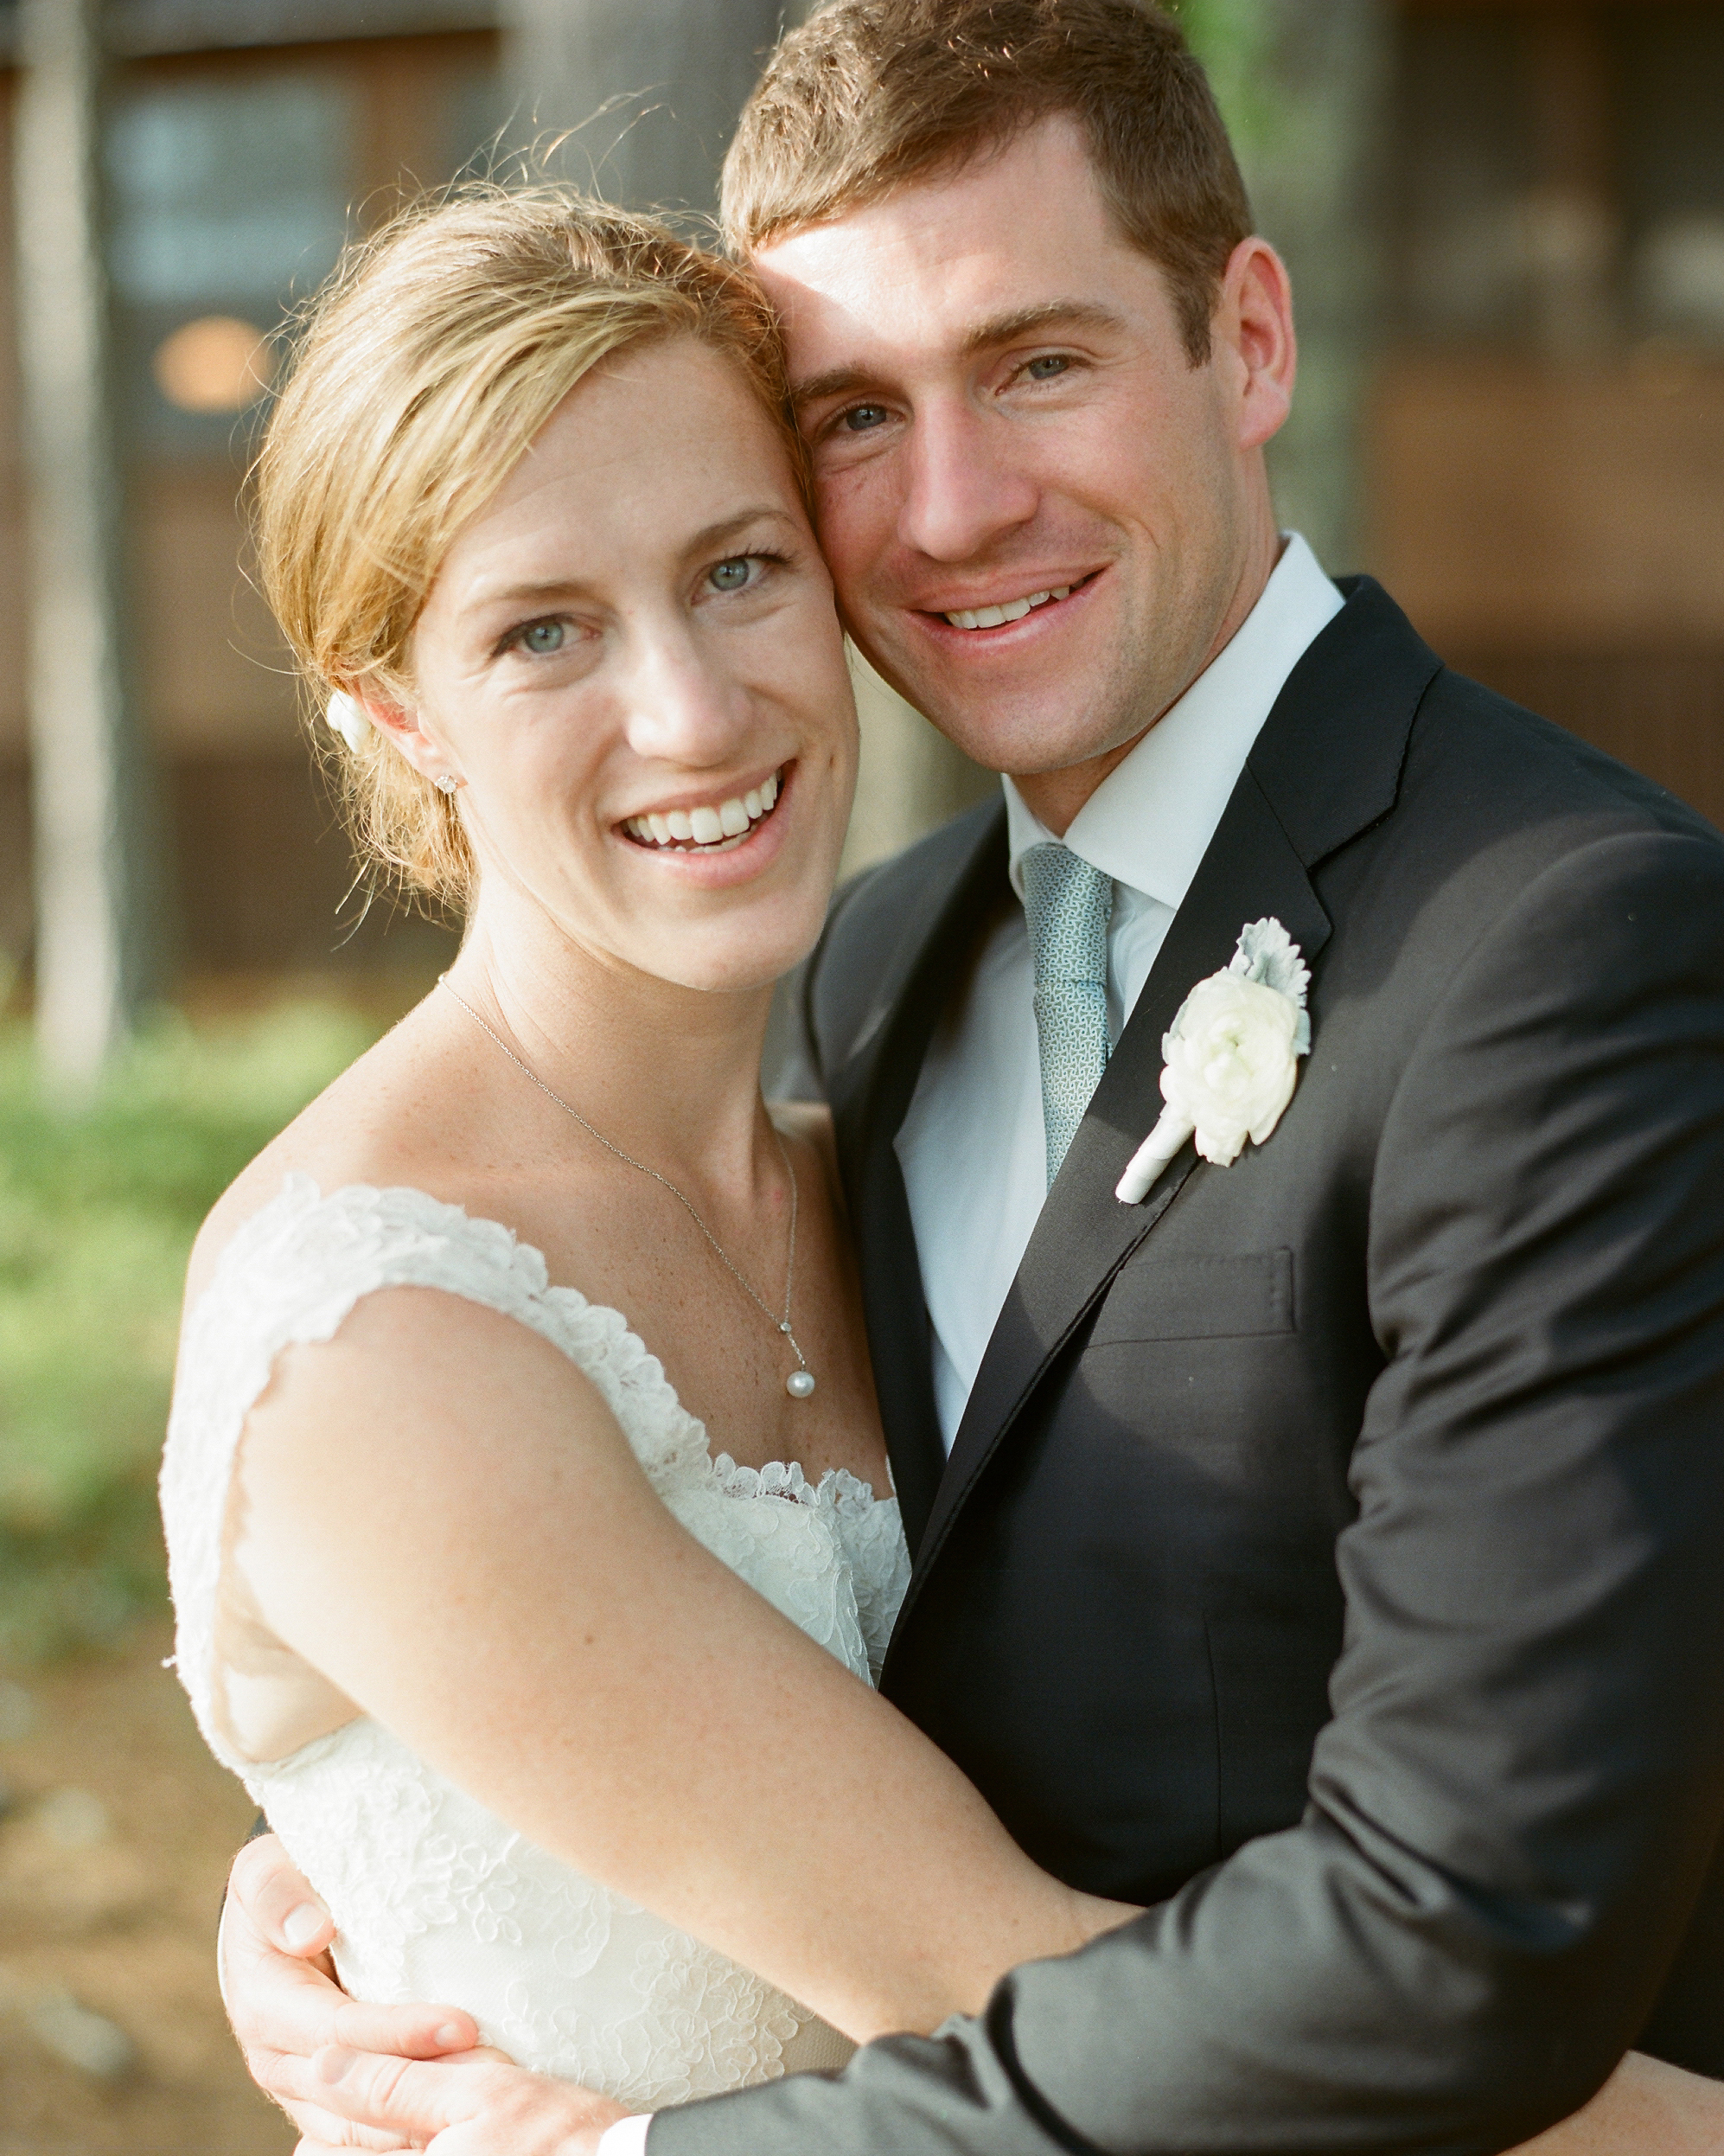 polly-rob-wedding-portrait5-0514.jpg